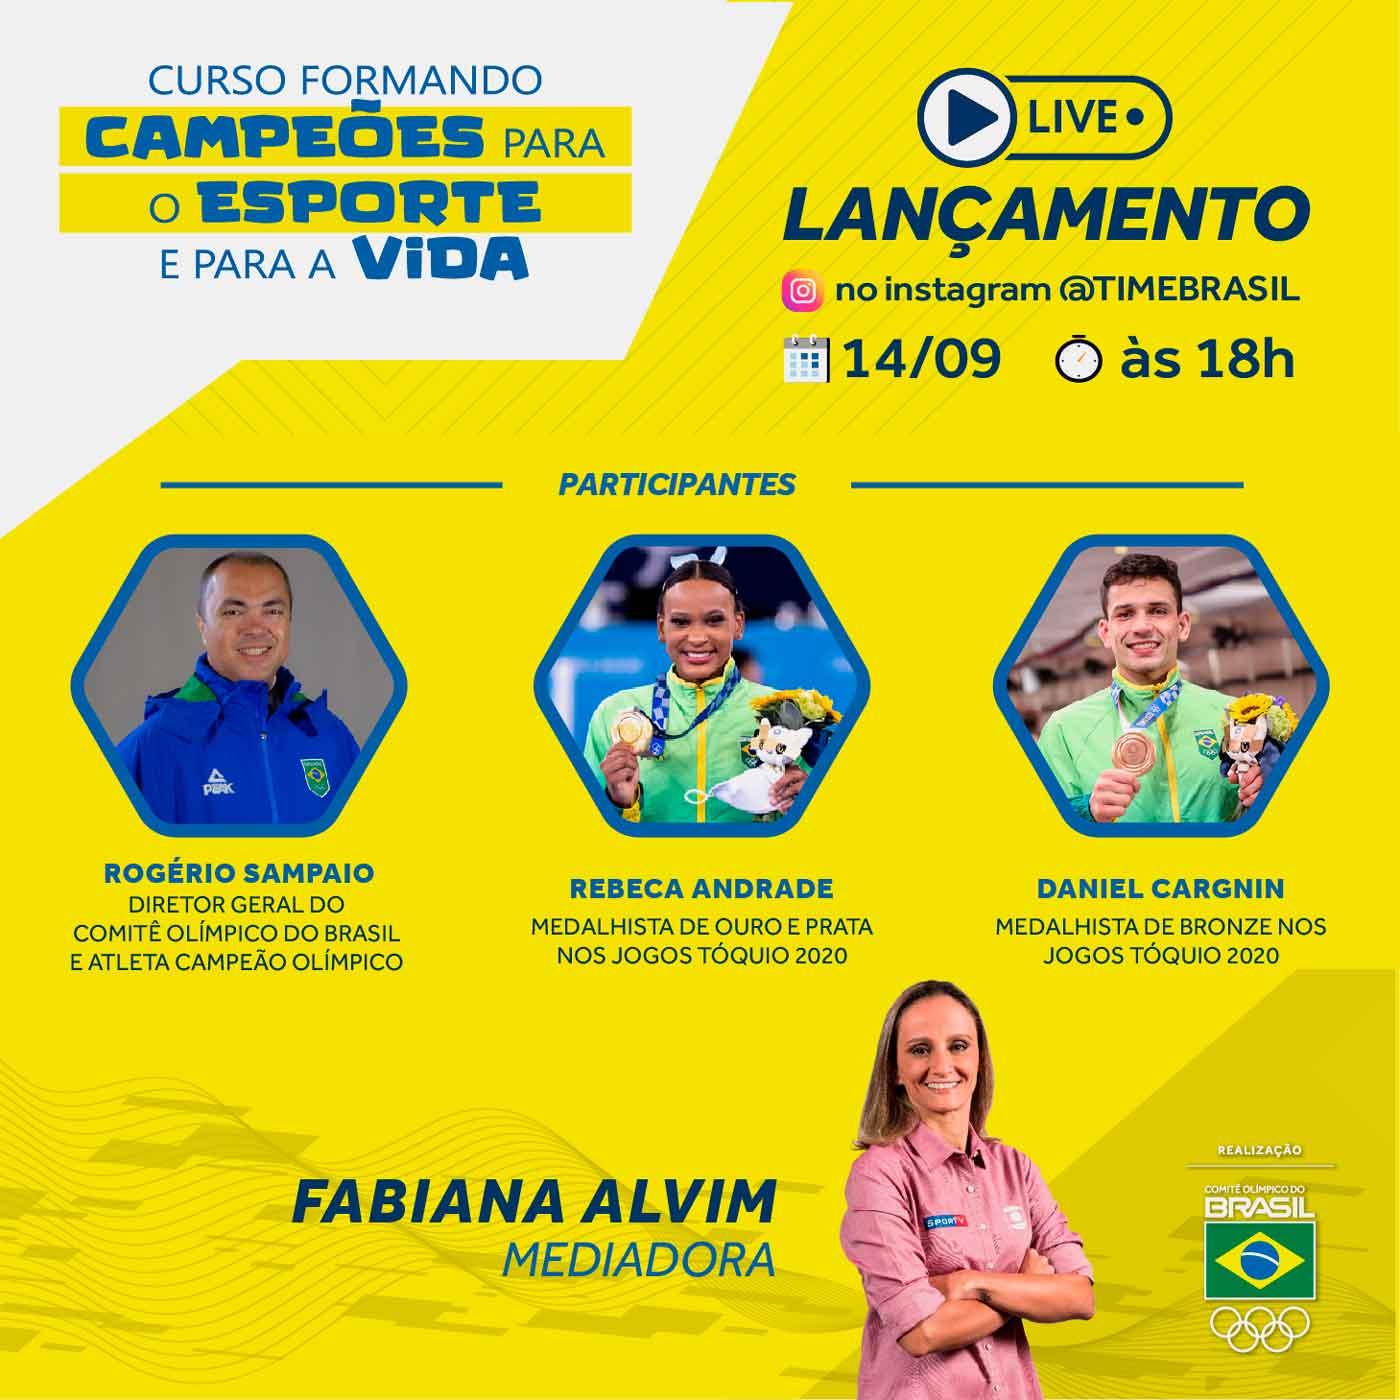 Rebeca Andrade e Daniel Cargnin participam de lançamento de curso do Programa de Carreira do Atleta do COB que acontece hoje